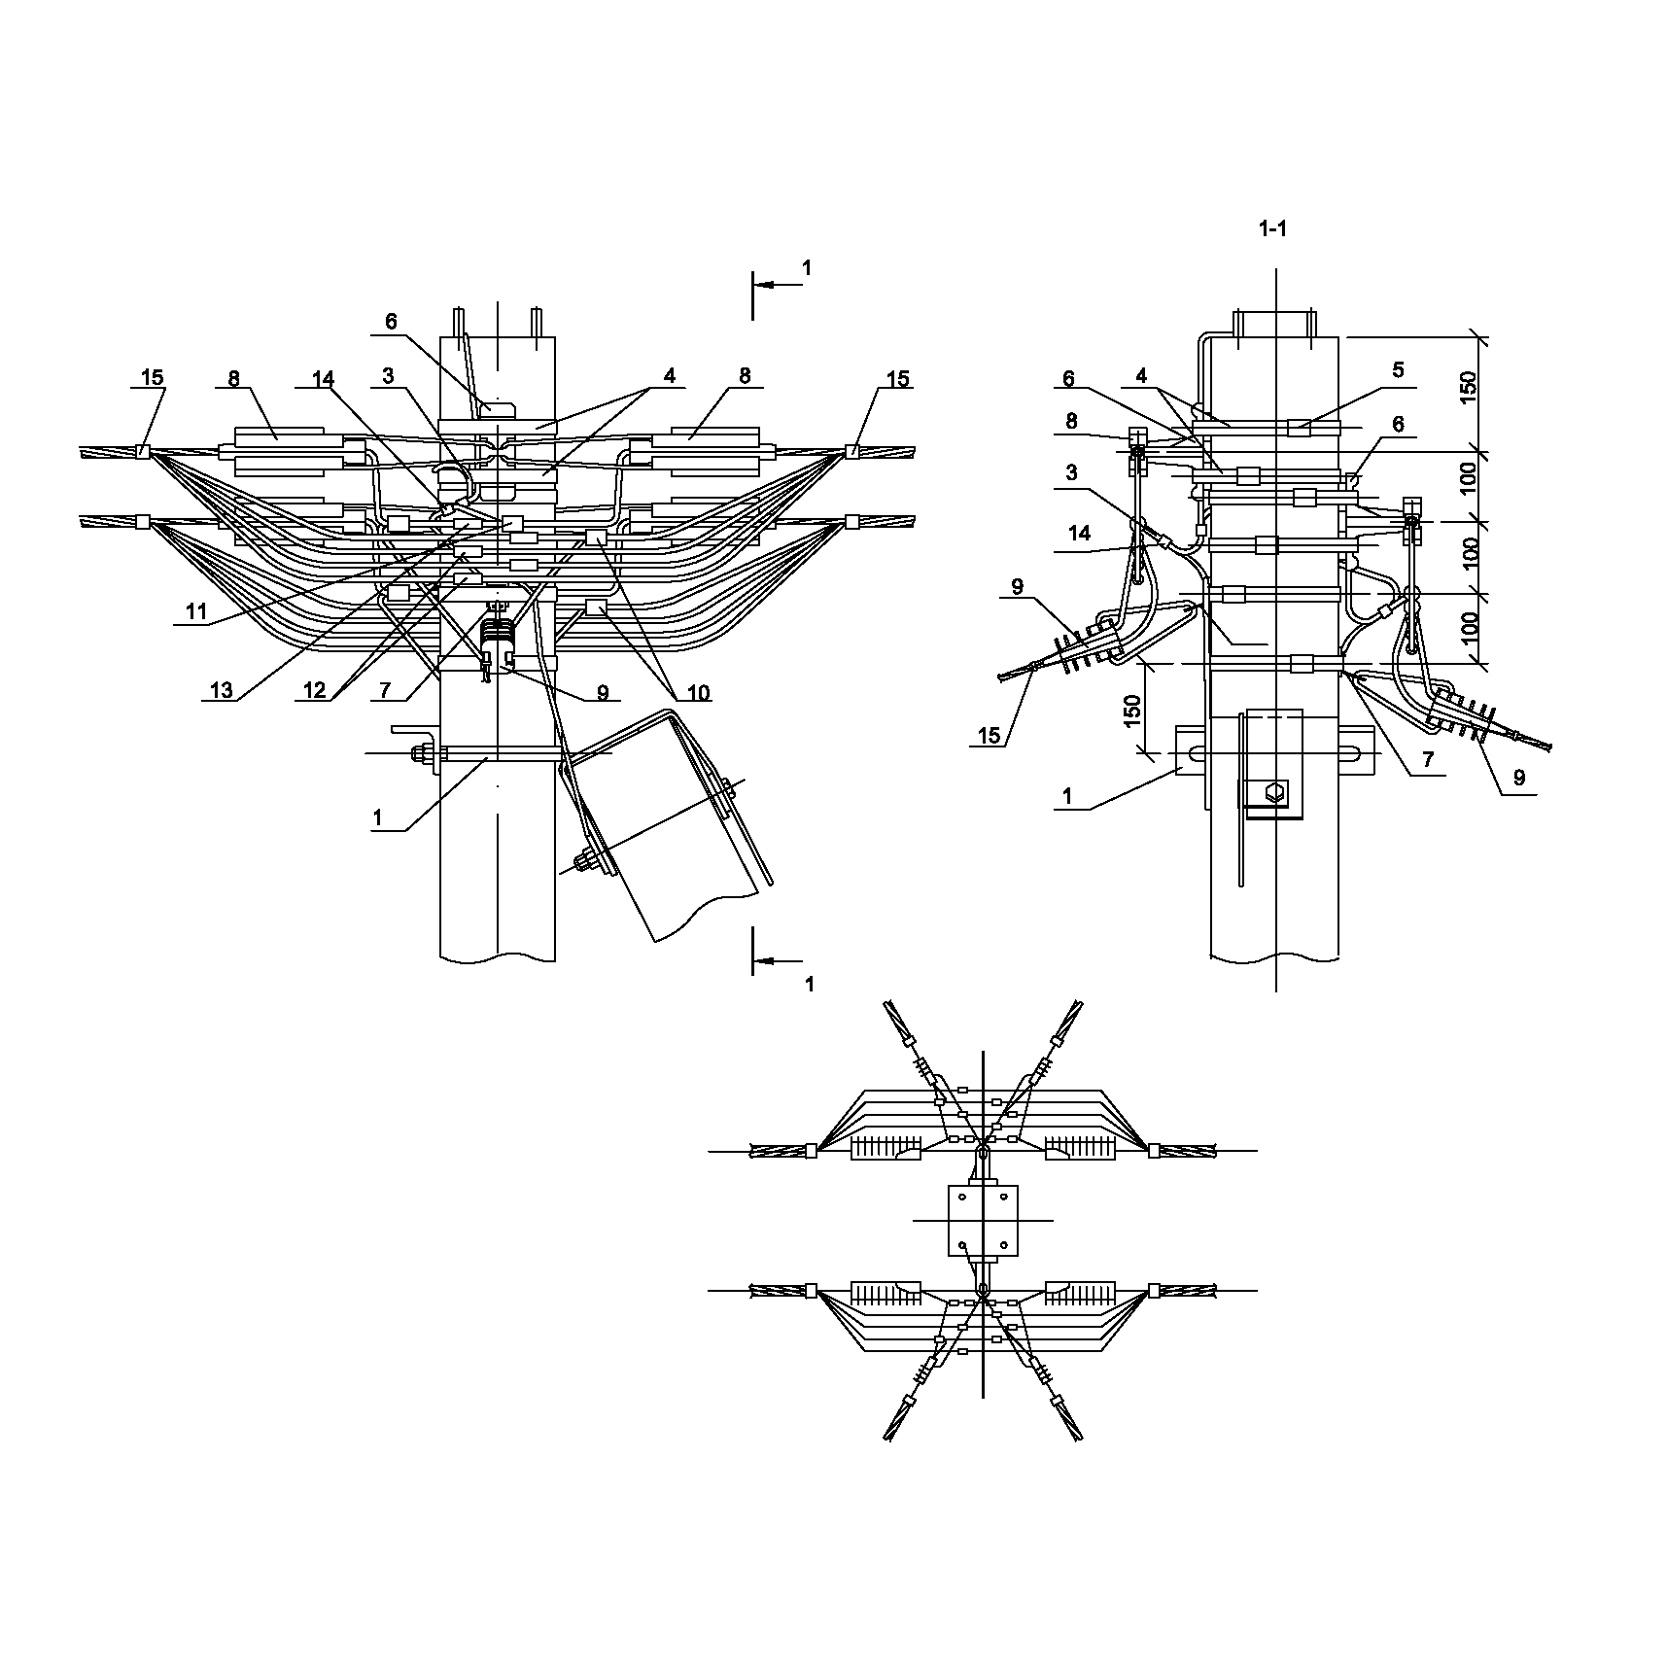 Опора А34 ж/б анкерная концевая двухцепная с ответвлением в две стороны 2хСИП4-2 IEK